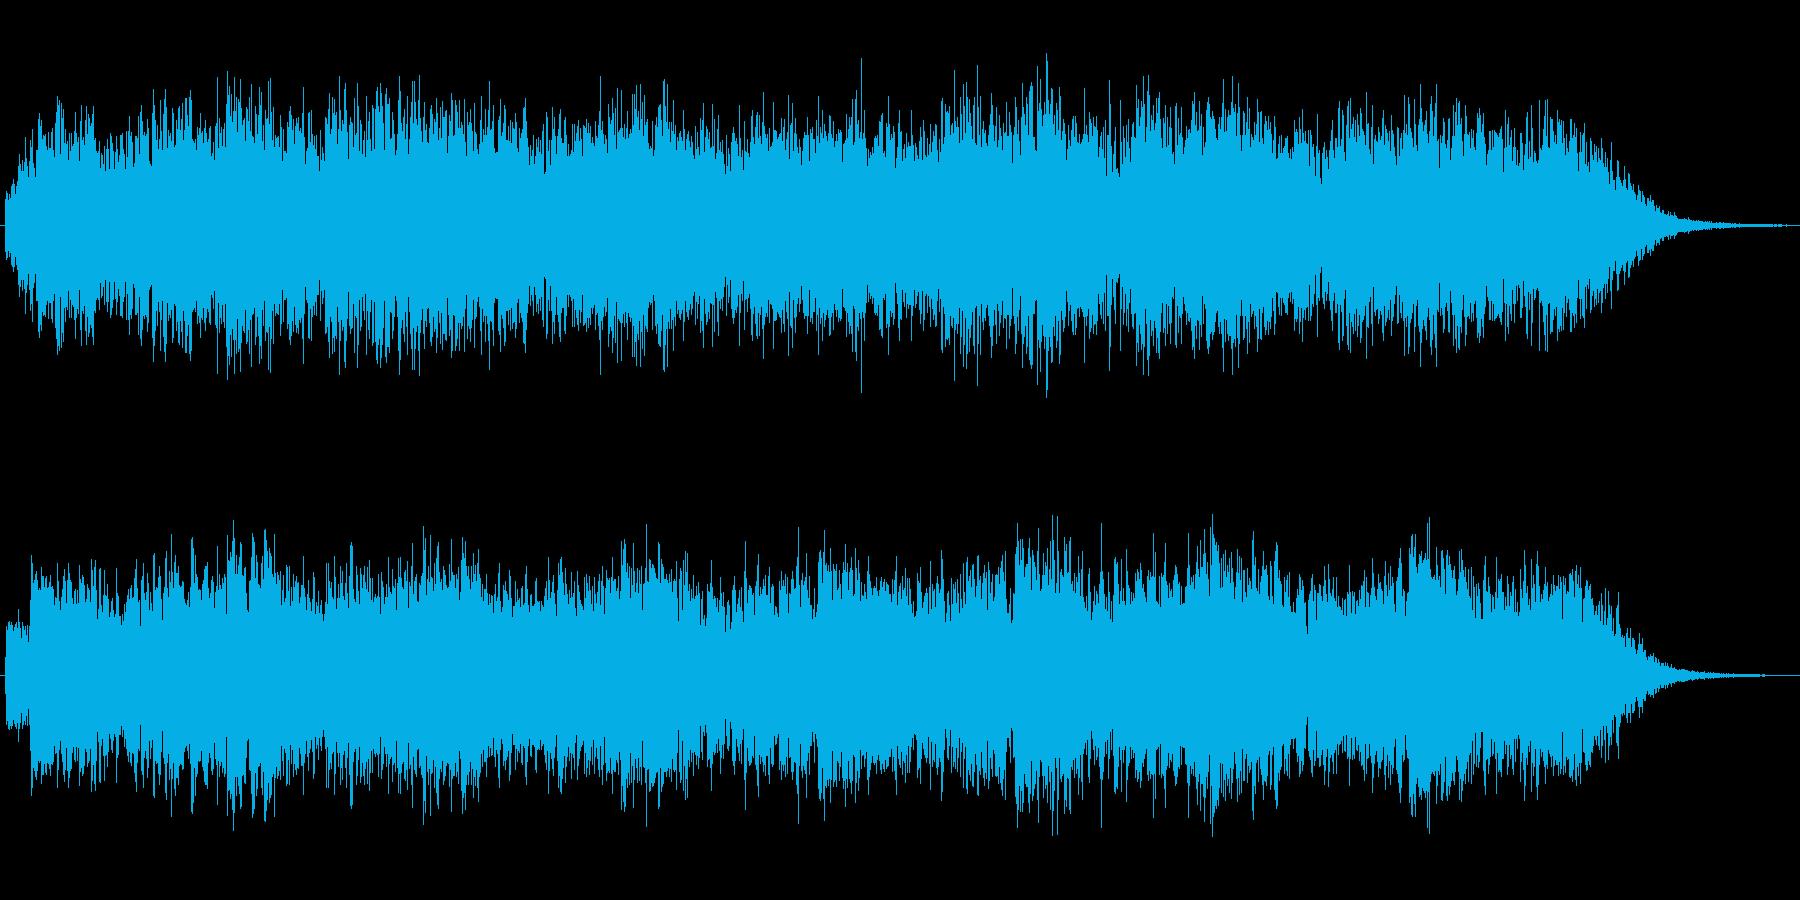 シンセによる神秘的な雰囲気のジングルの再生済みの波形